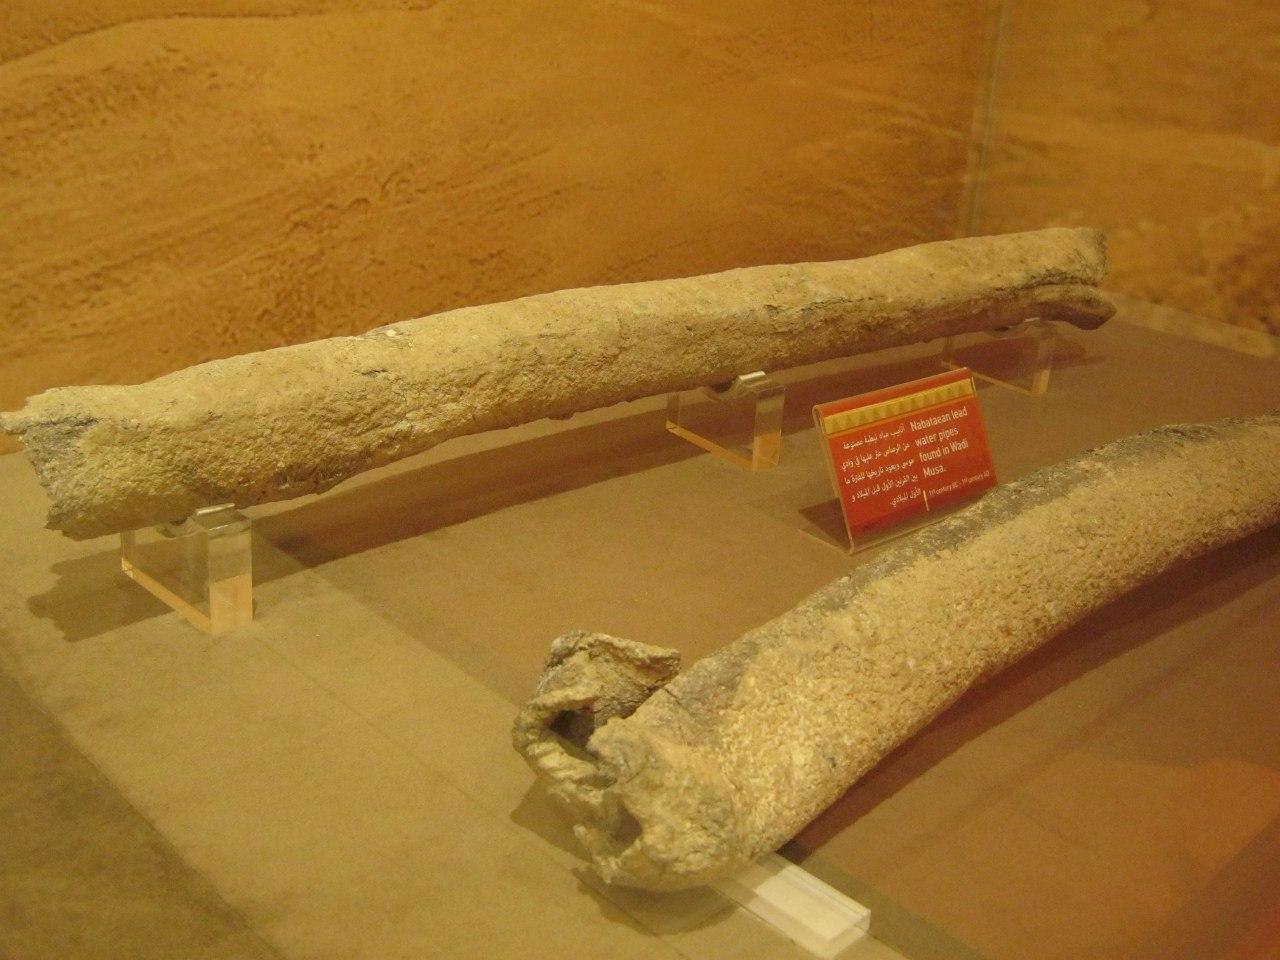 трубы для подачи воды в древнем городе Петра